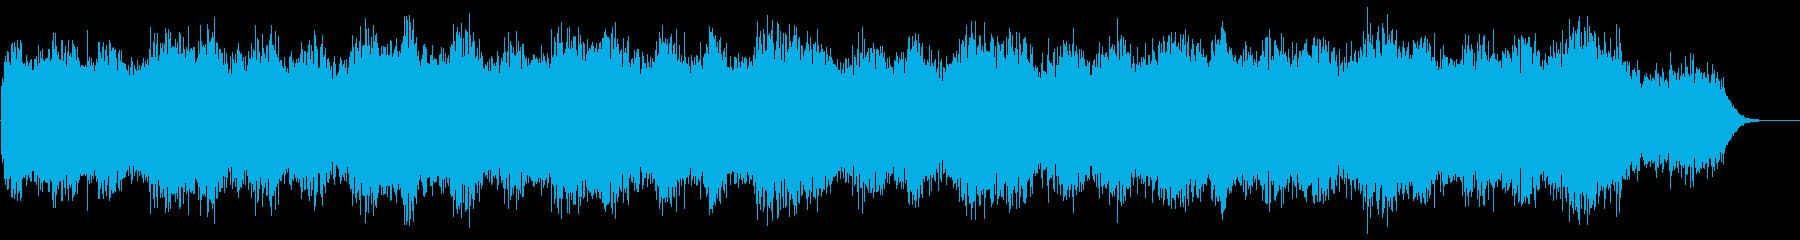 星空をイメージするリラクゼーション音楽の再生済みの波形